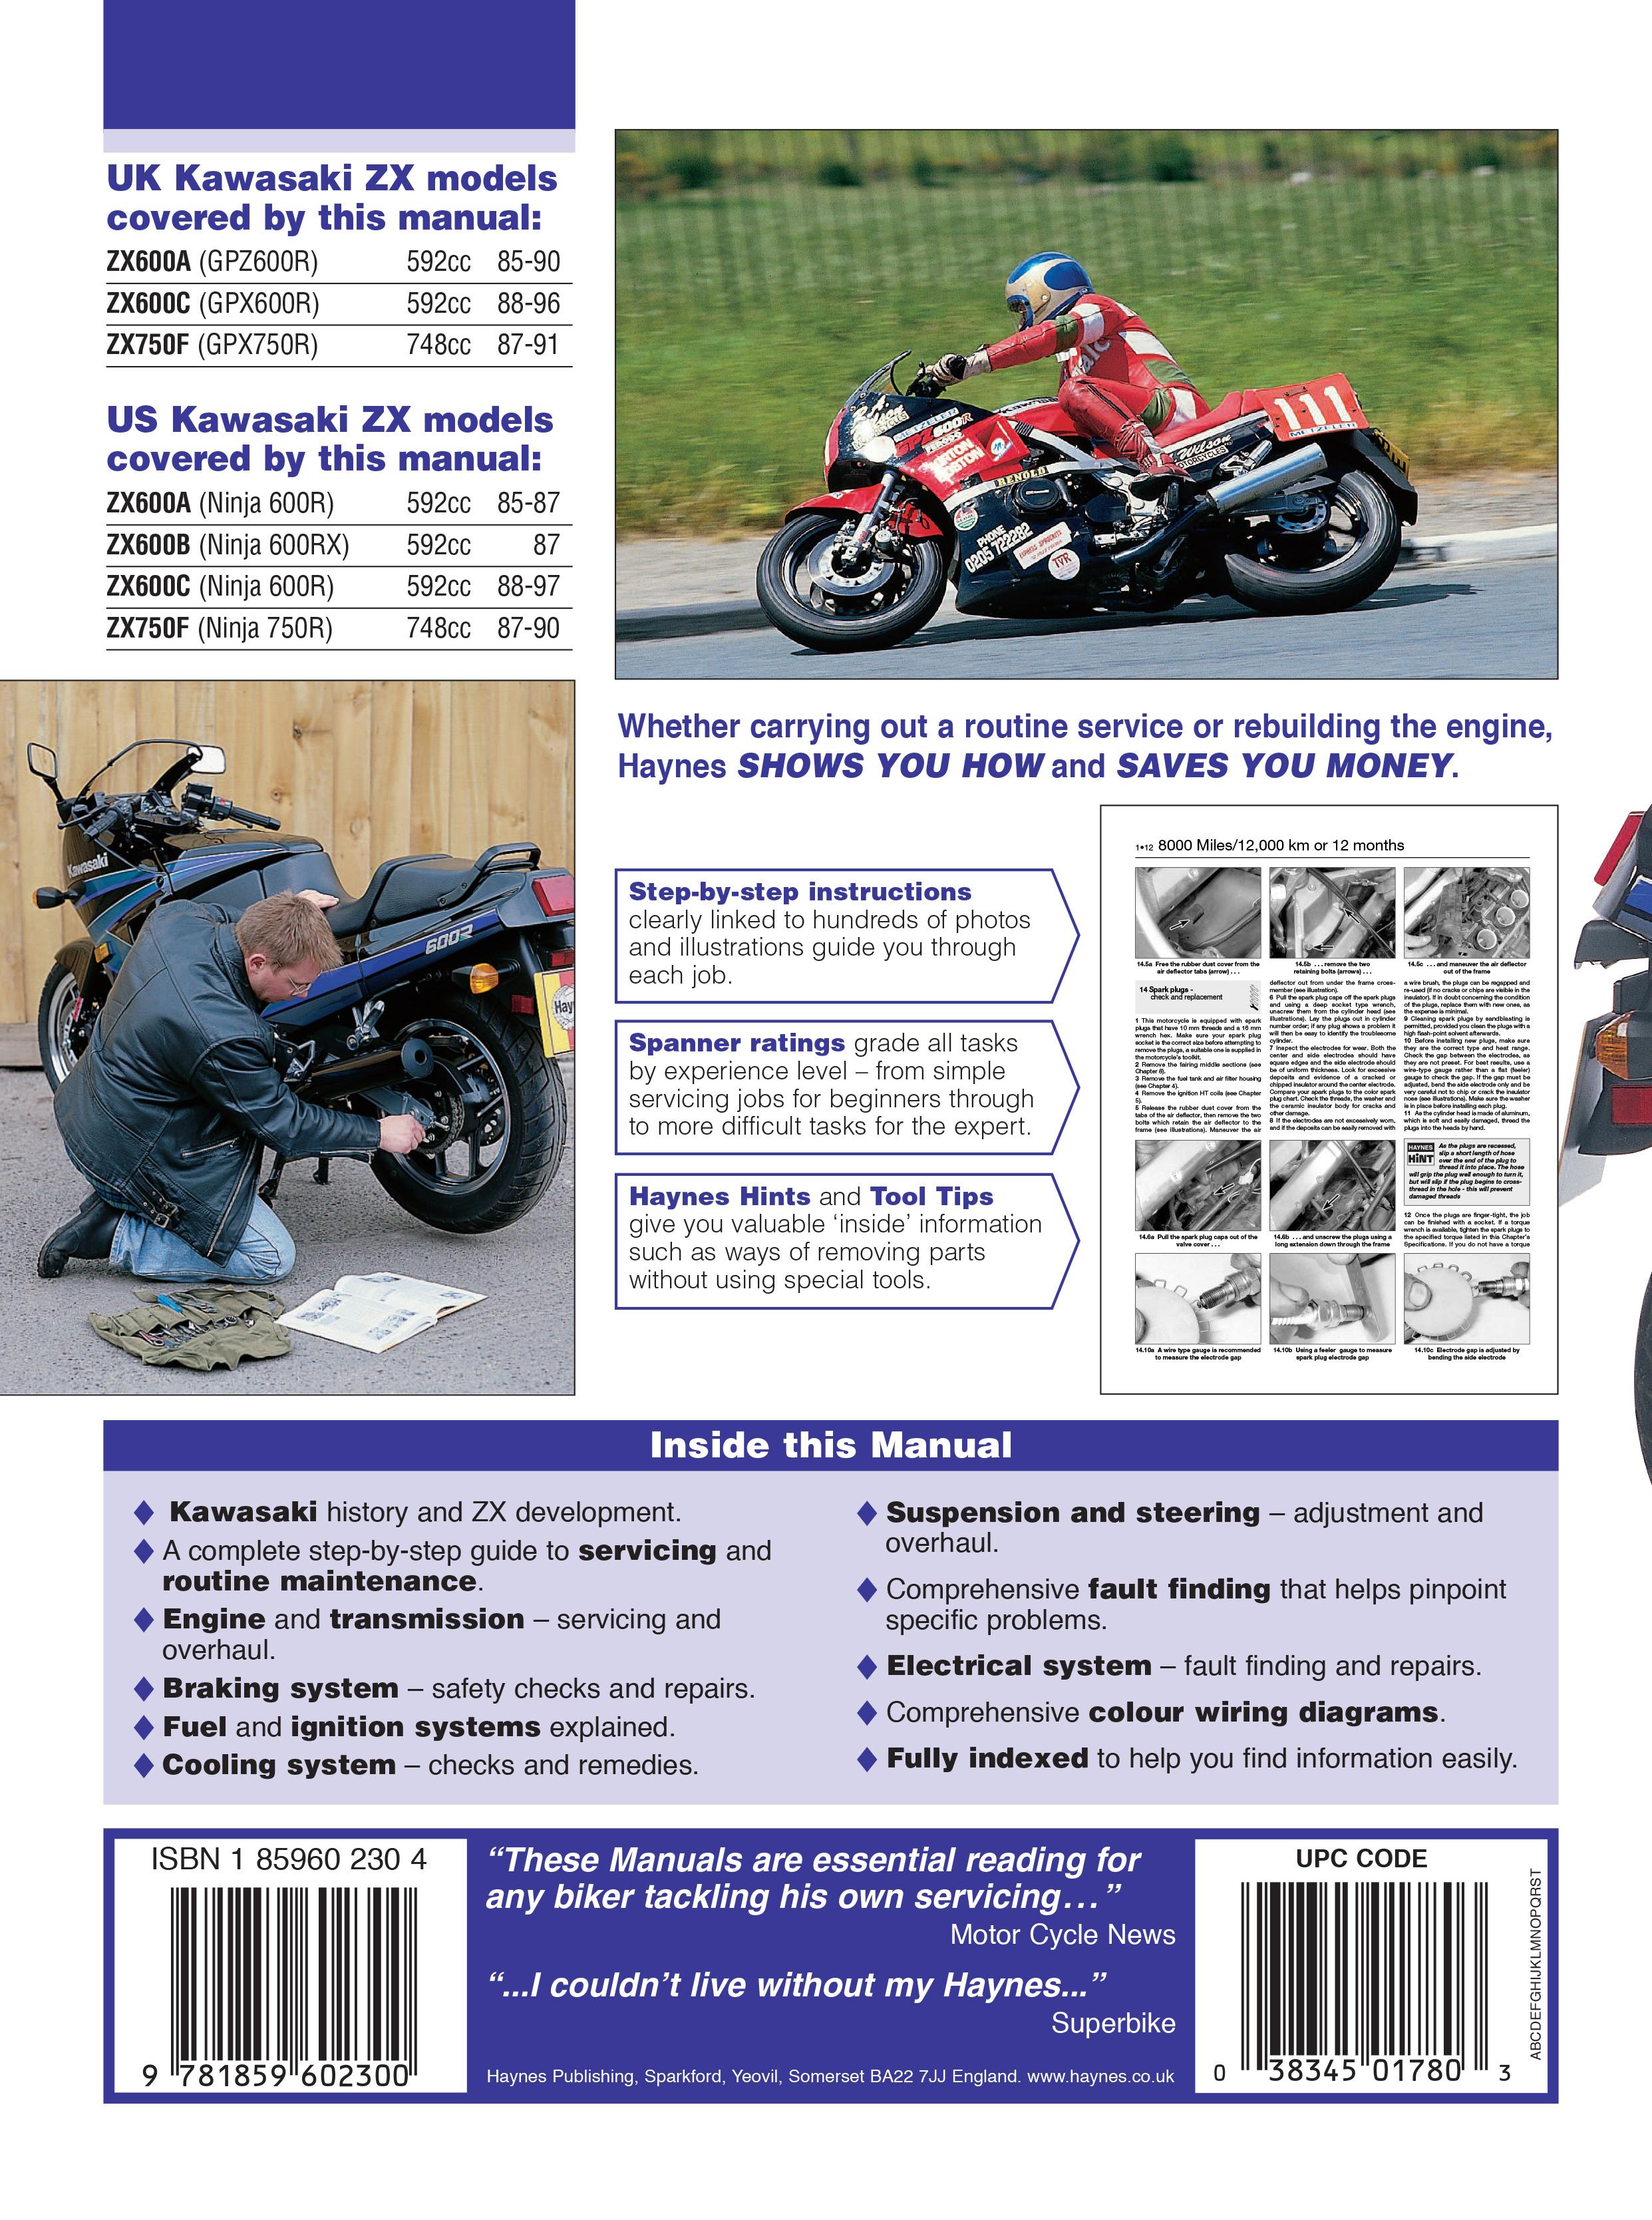 Kawasaki ZX600 (GPZ600R, GPX600R, Ninja 600R & RX) & ZX750 (GPX750R